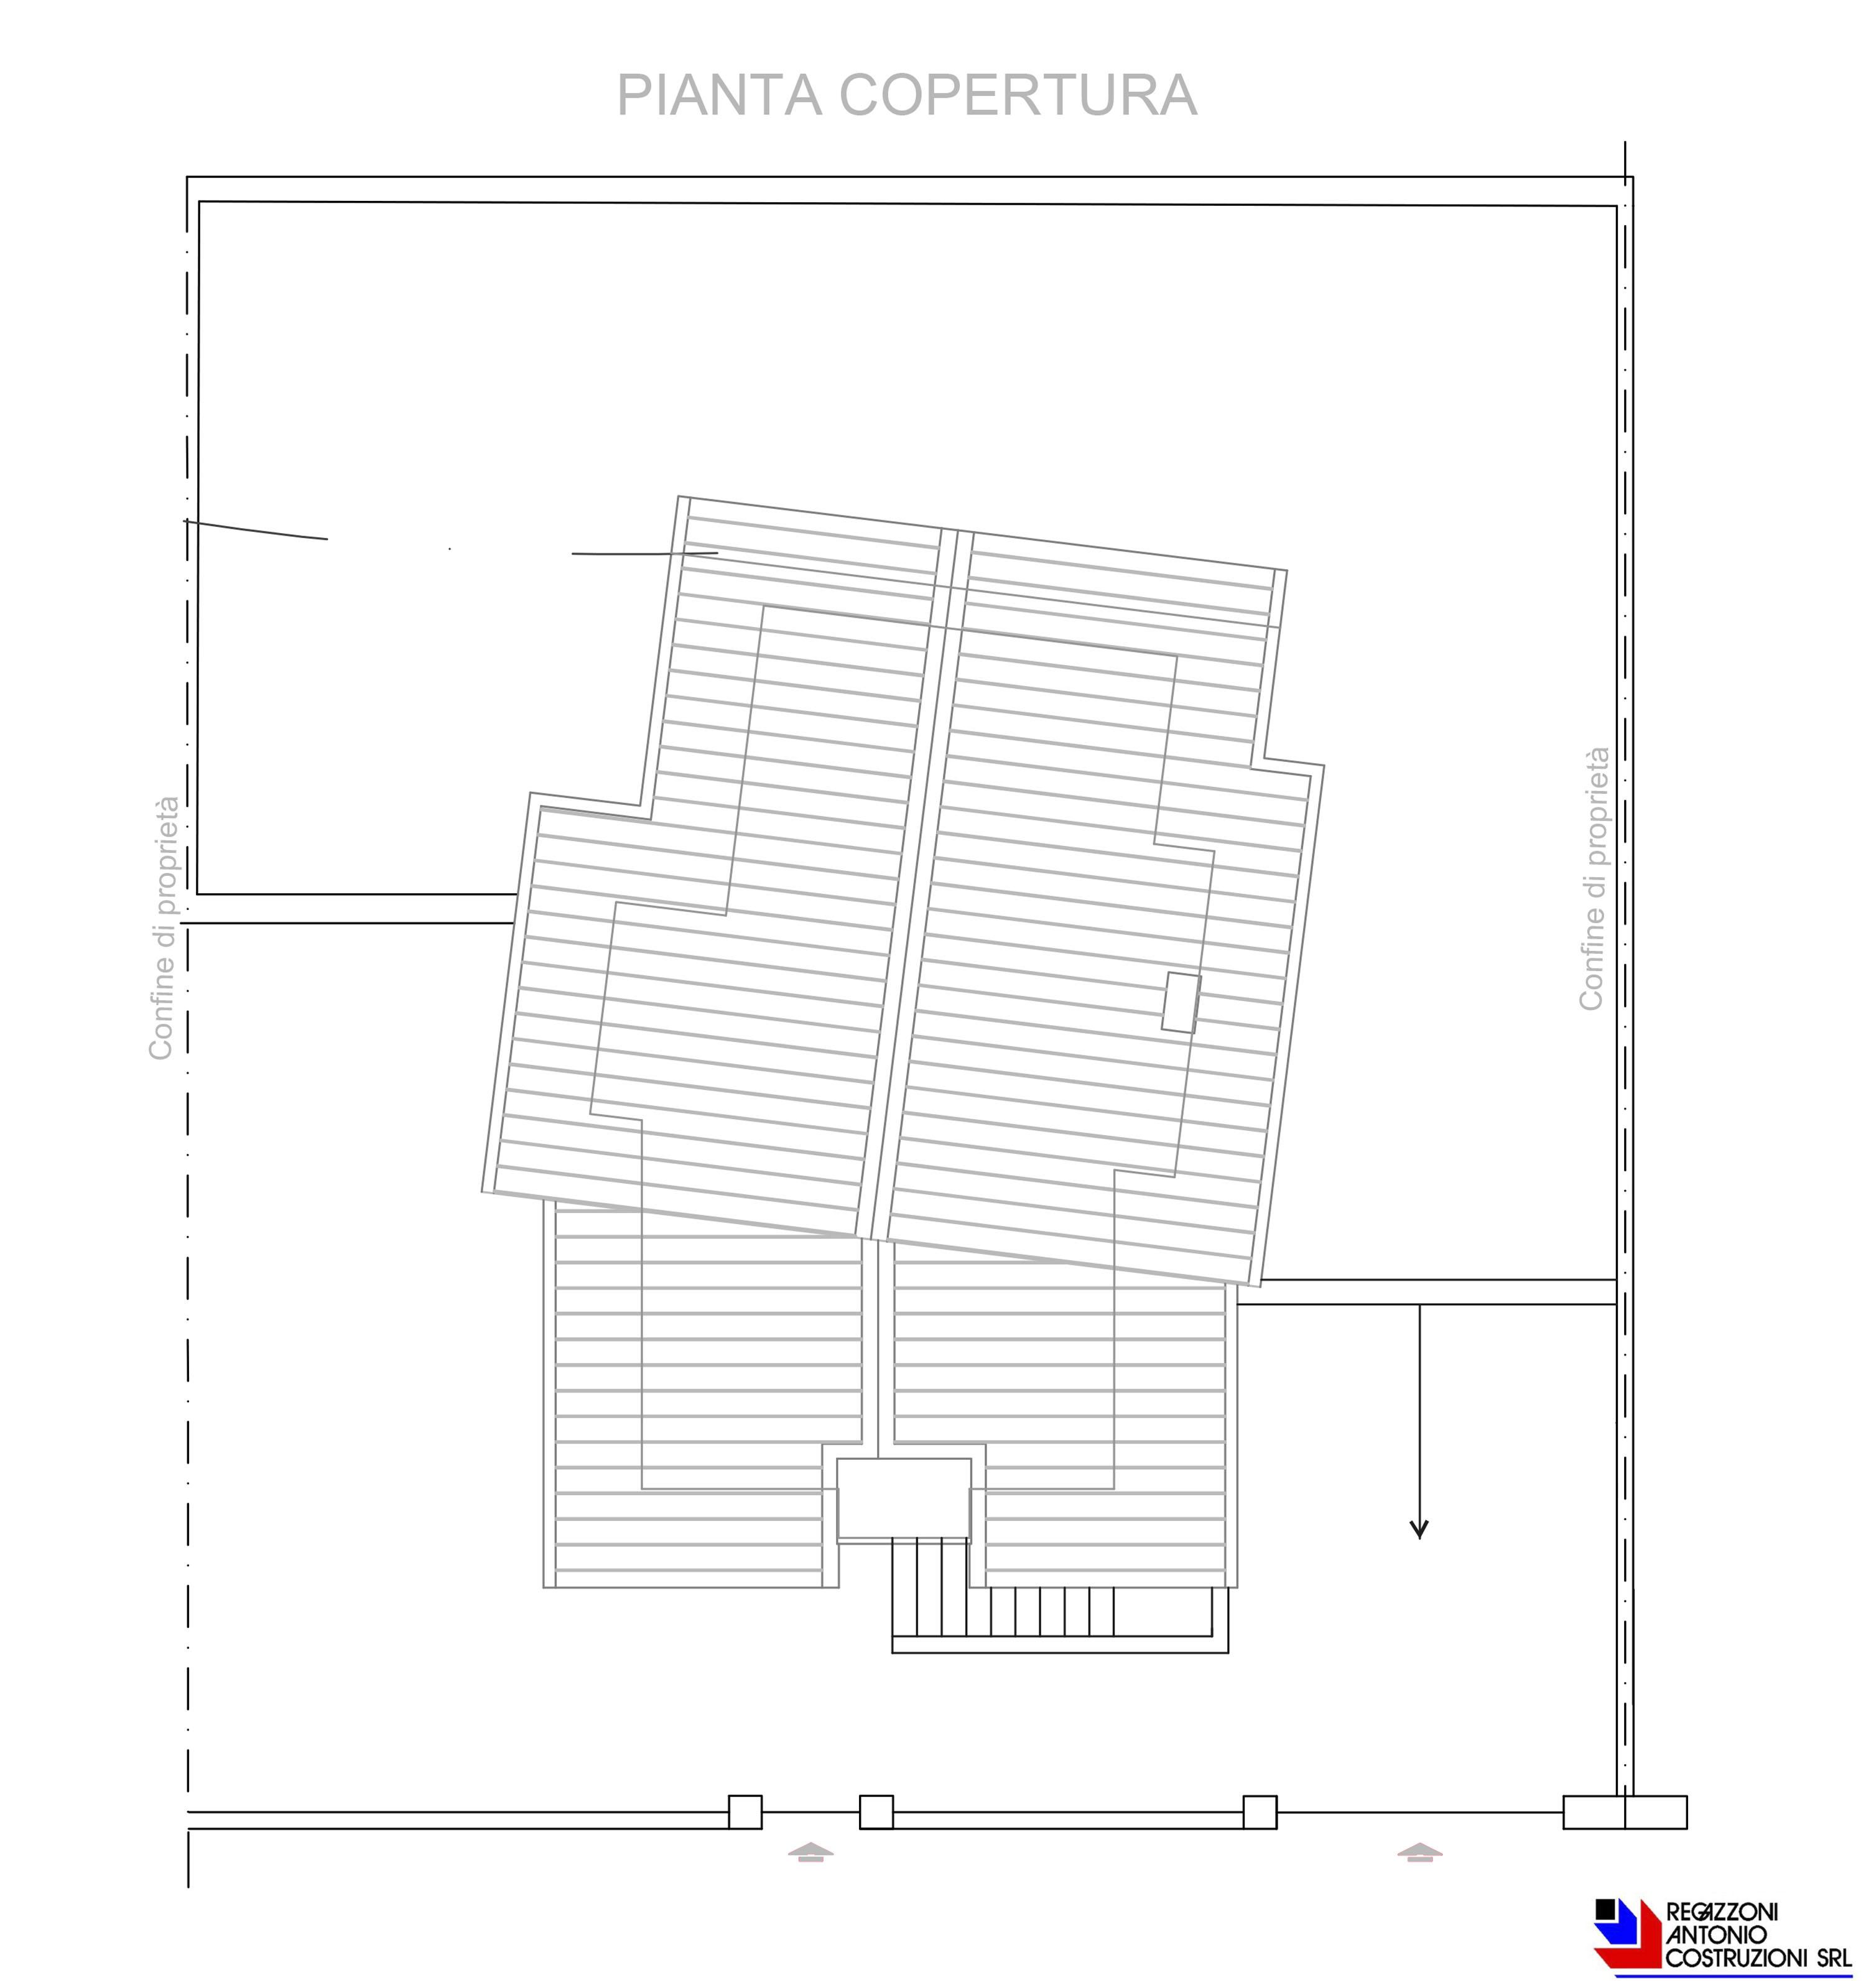 Pianta copertura Villetta Olmo - scala 1a100 2